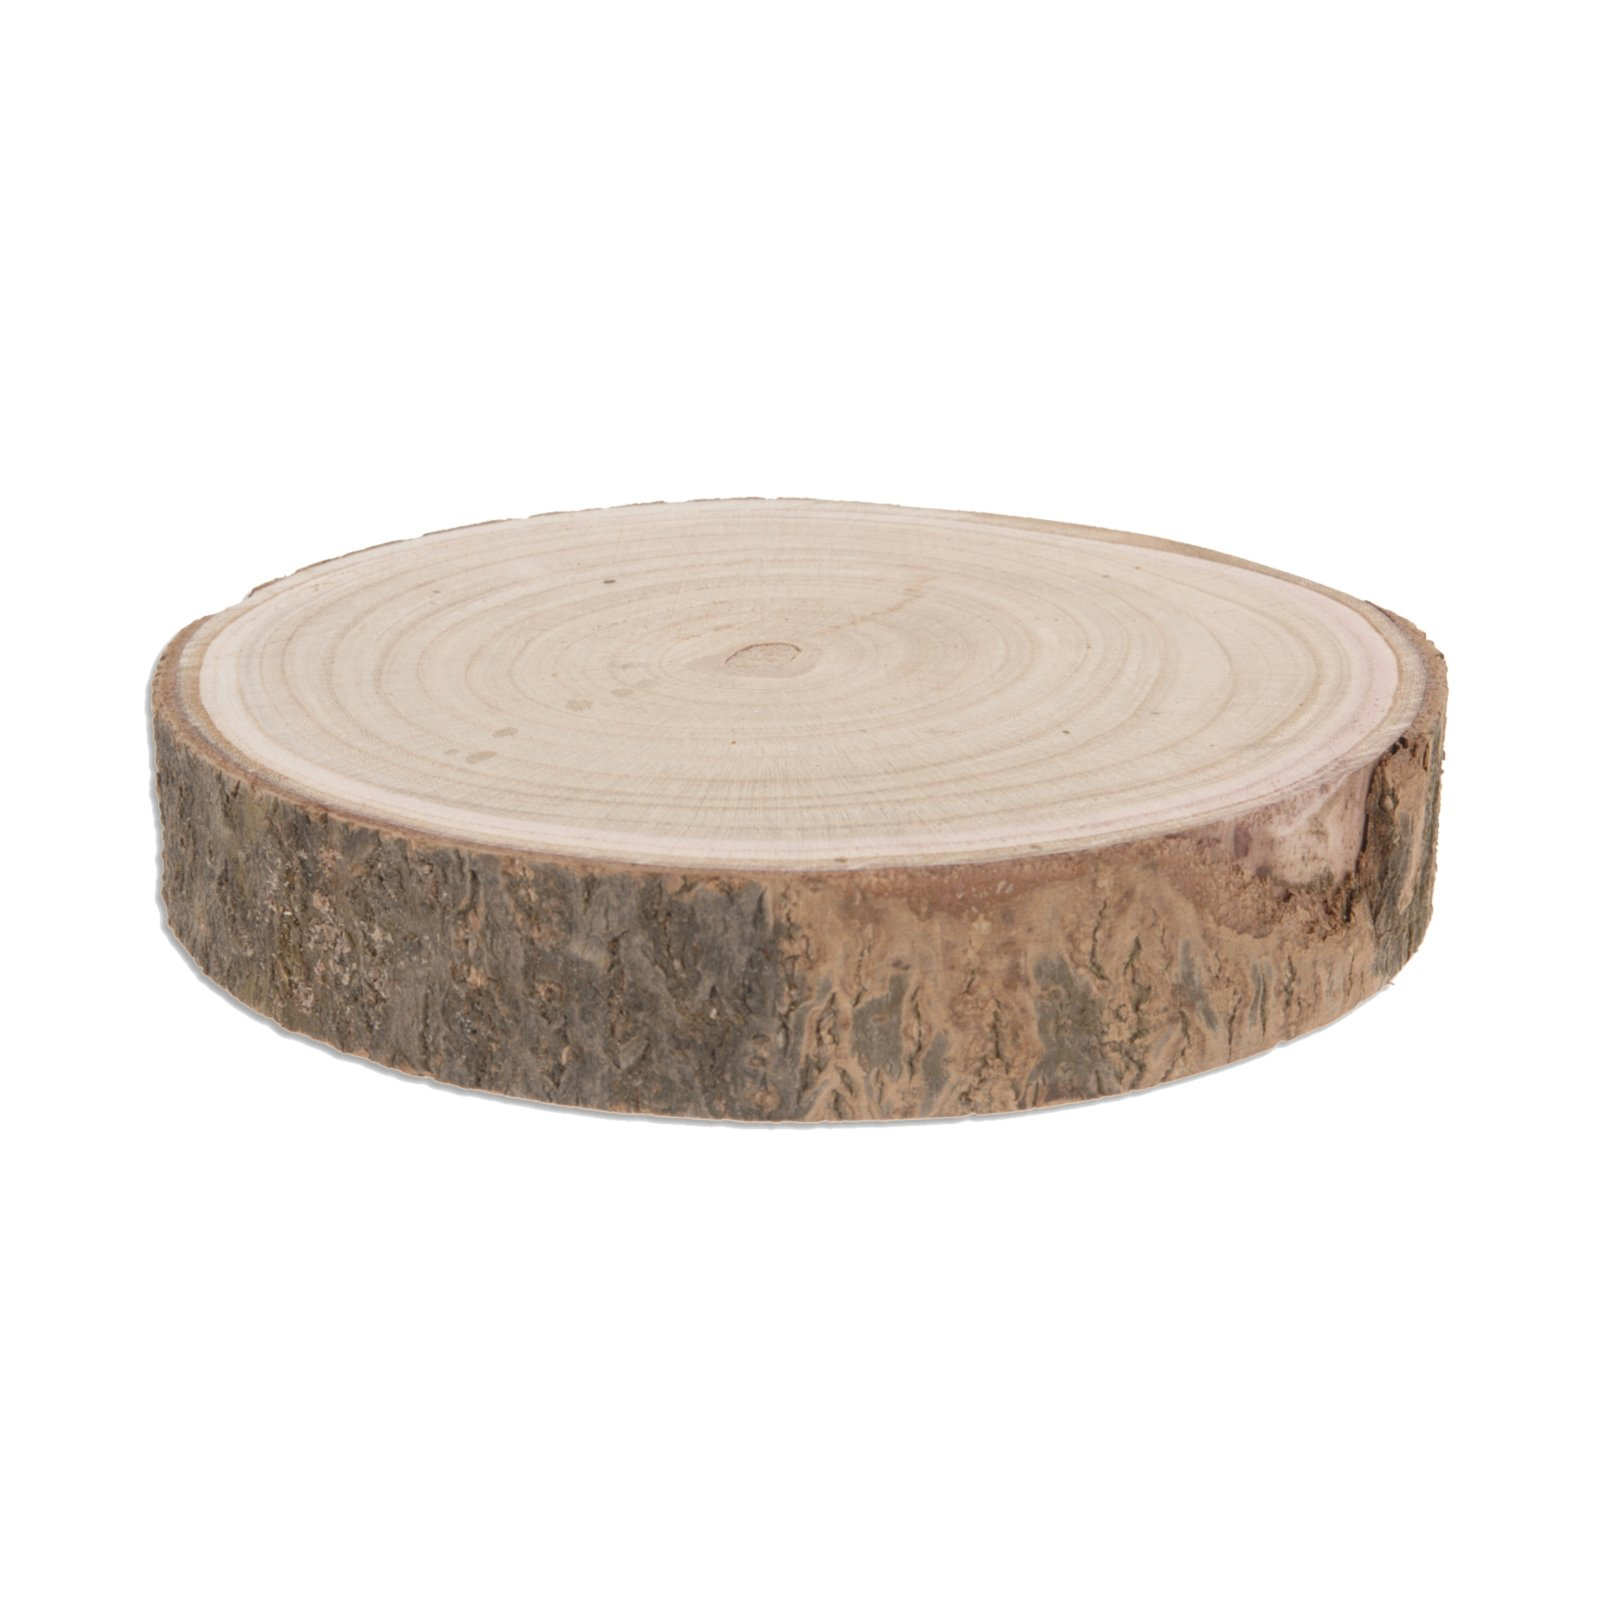 Deko-Baumstammscheibe - mit Rinde - 23 cm